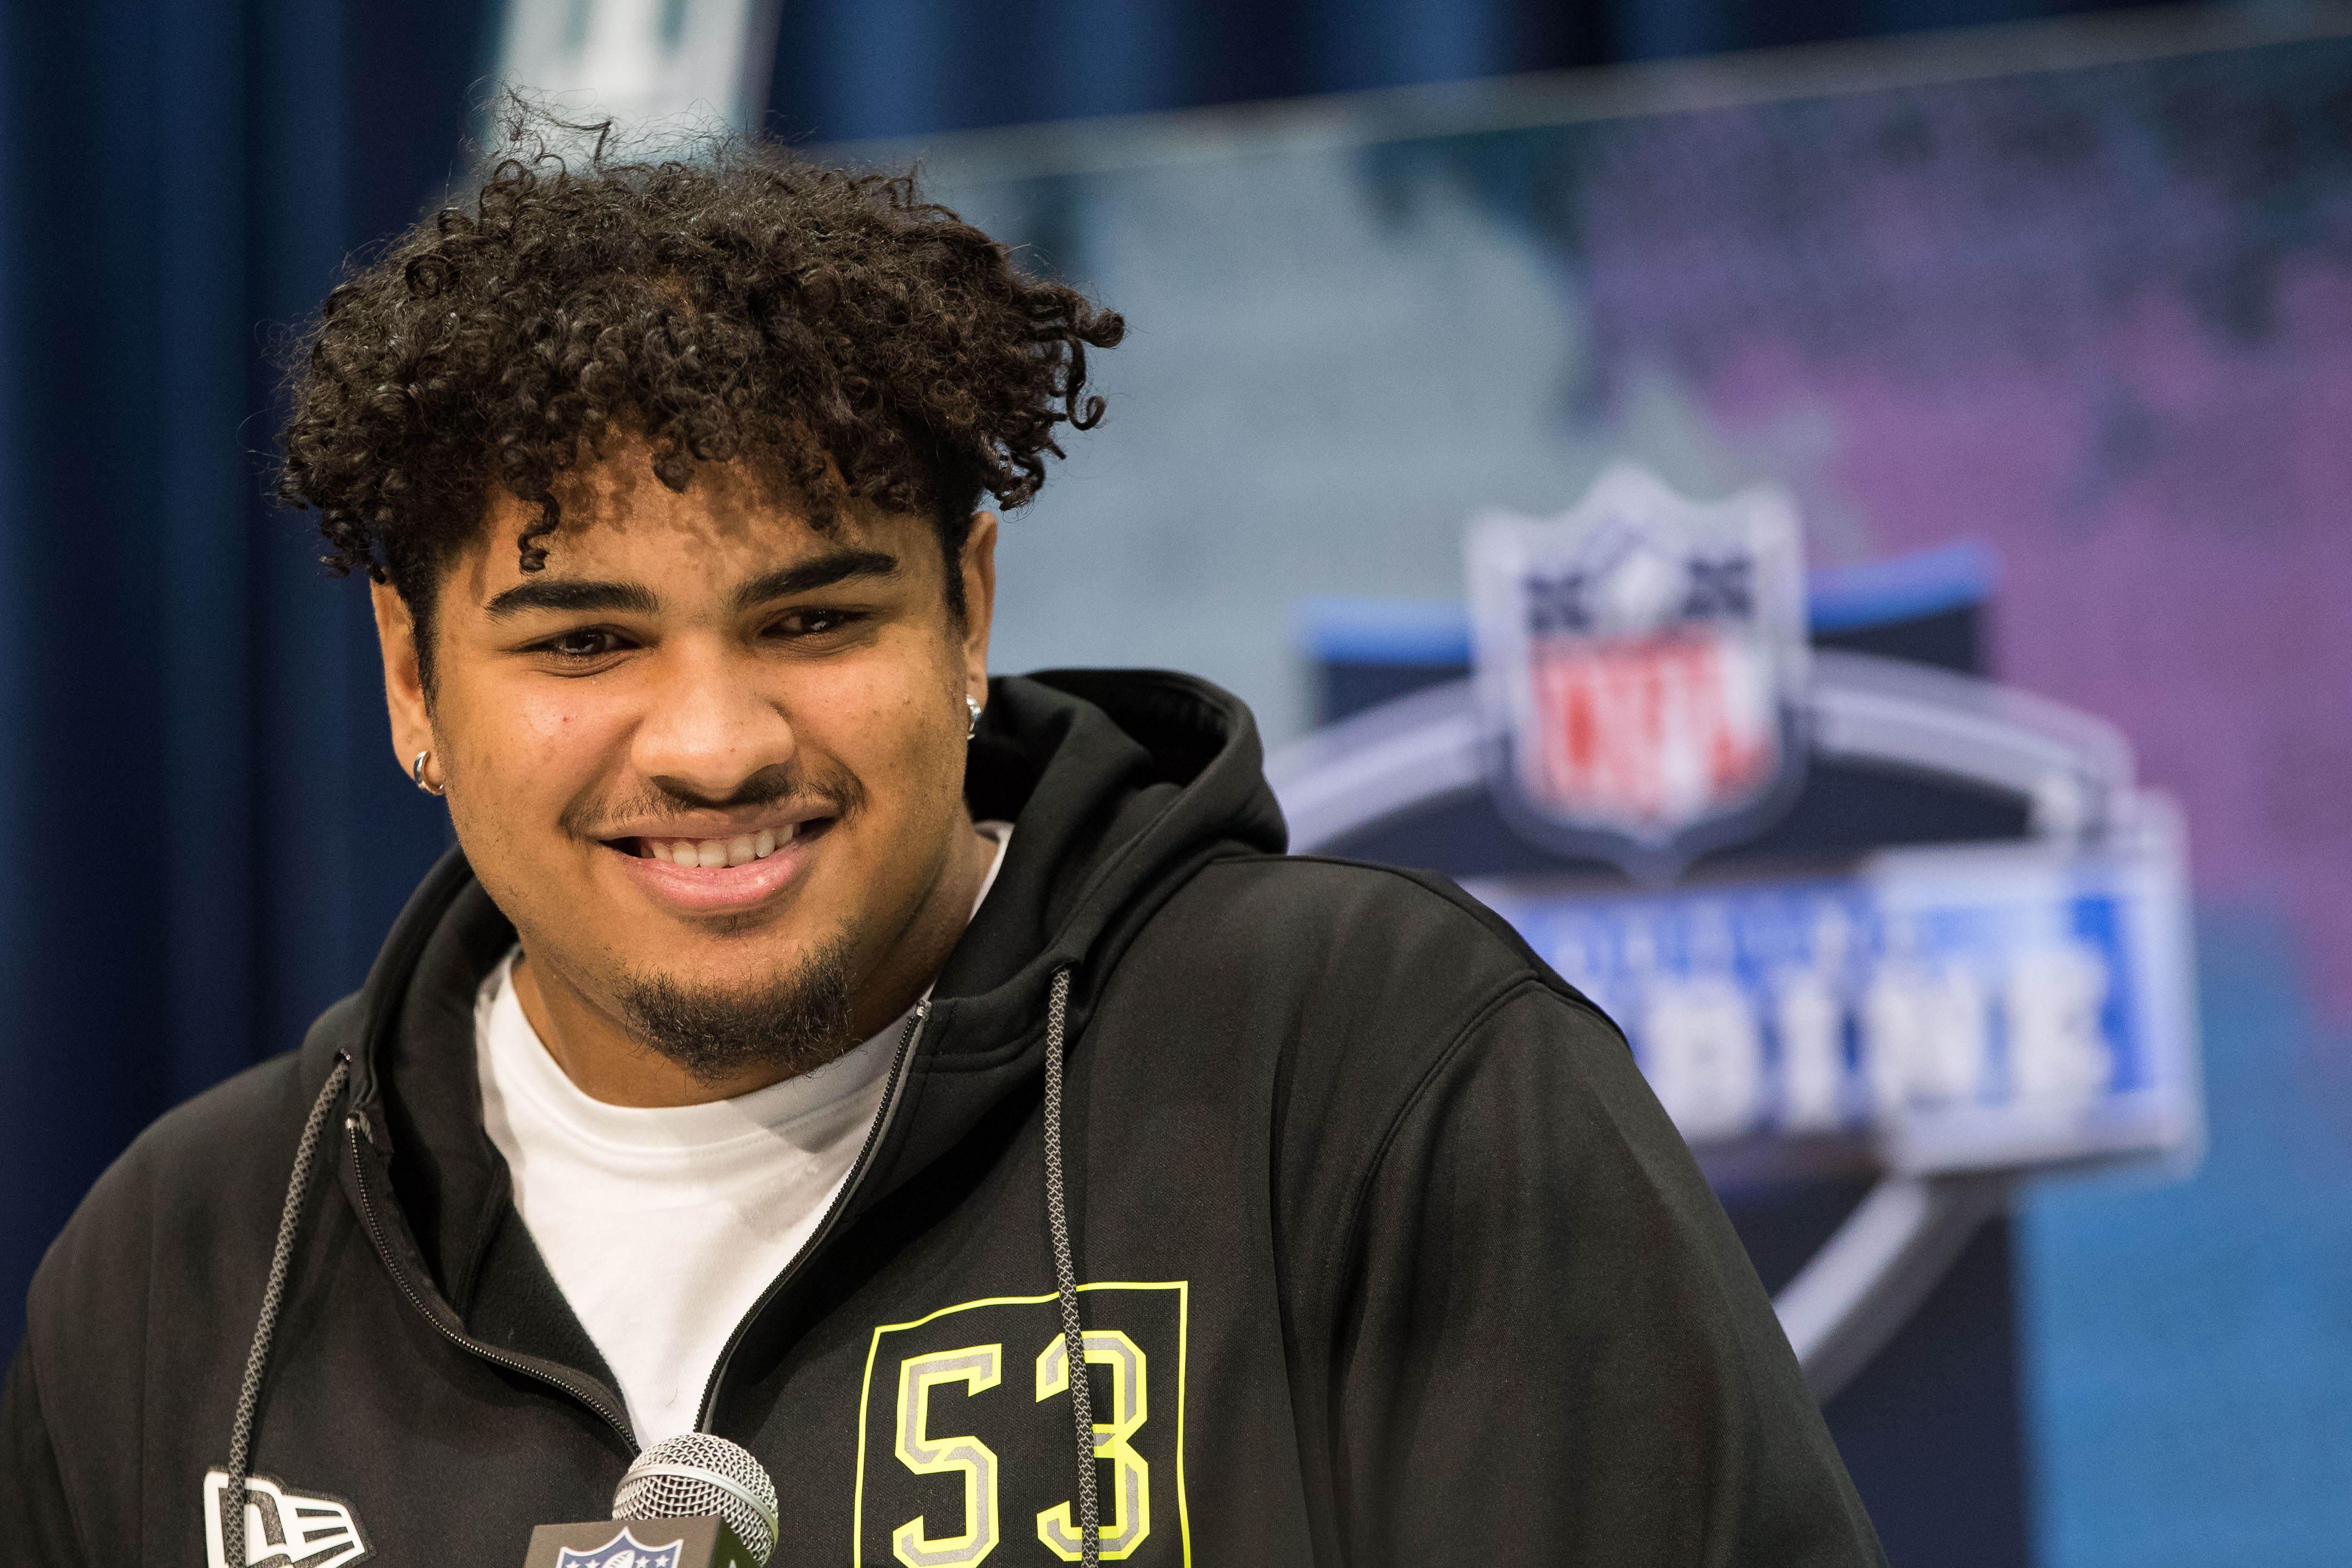 2020 NFL Draft Prospect Profile: Tristan Wirfs